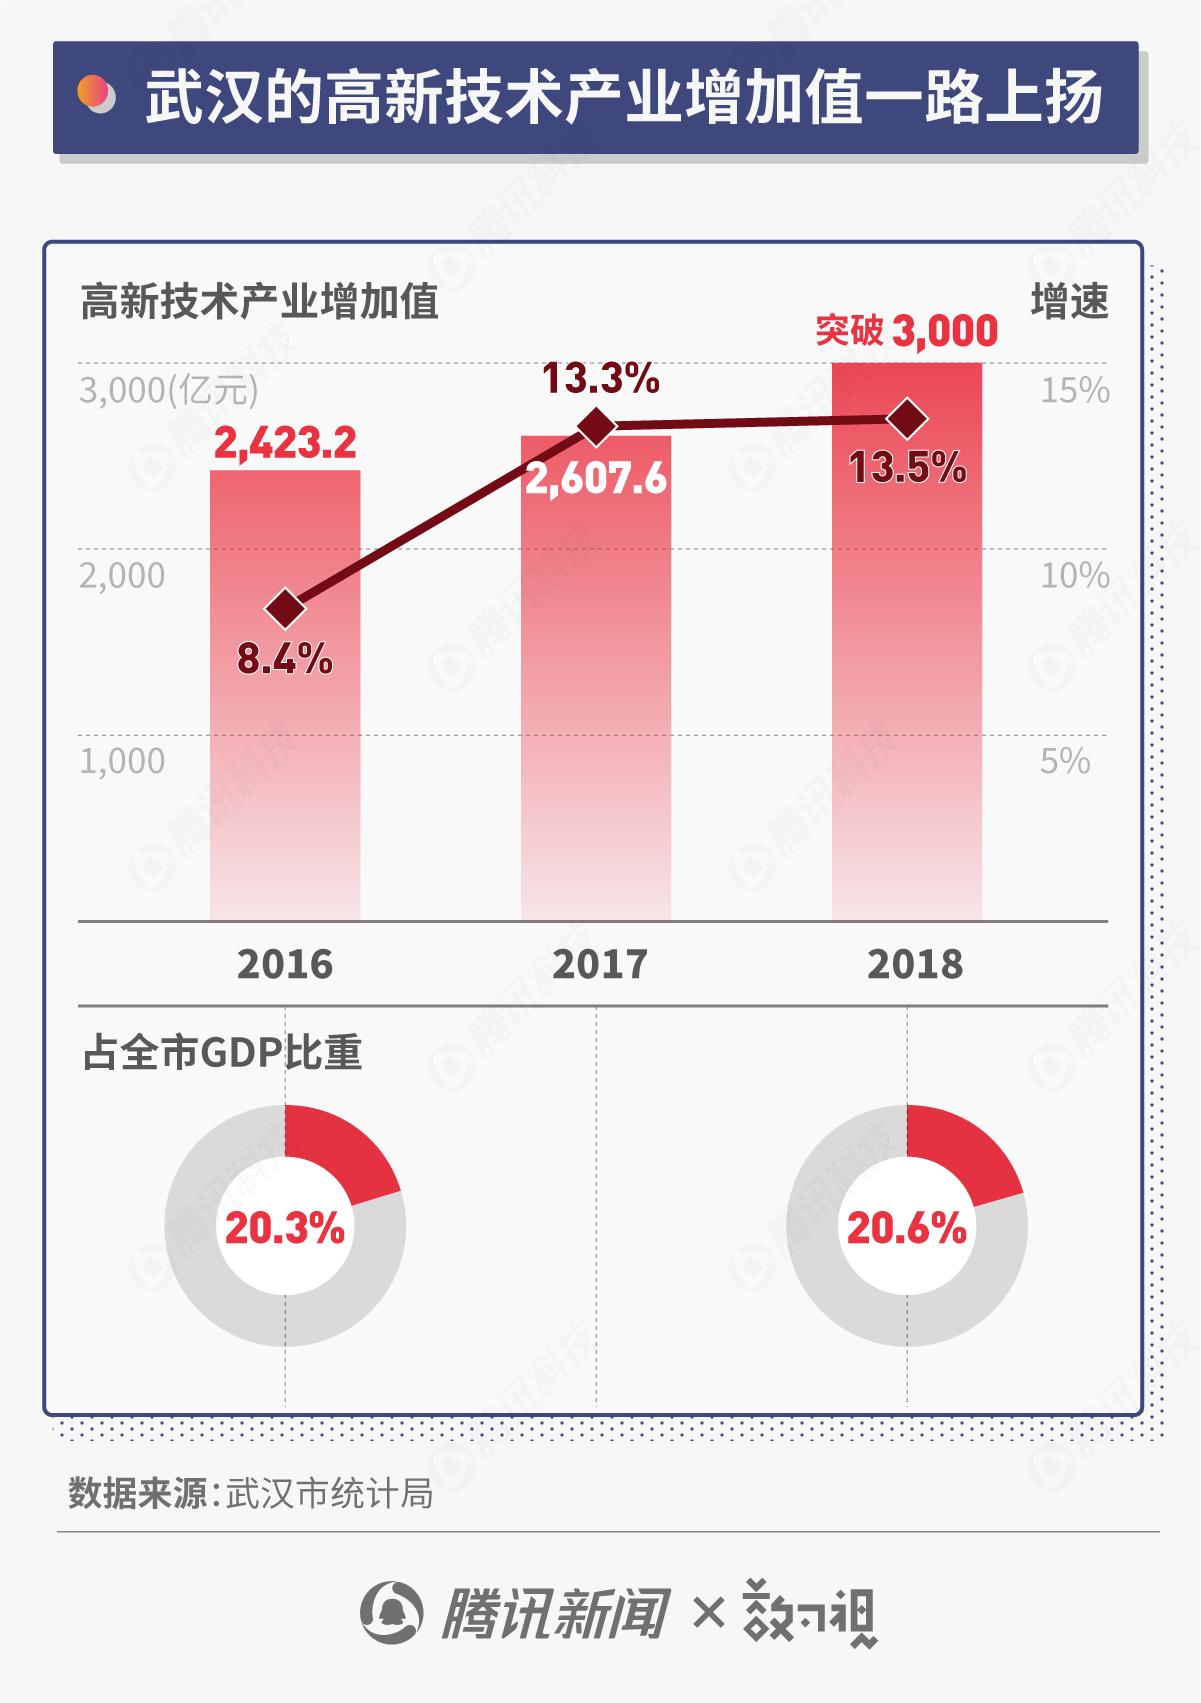 产值破万亿的武汉光谷 到底对中国科技产业有多重要?